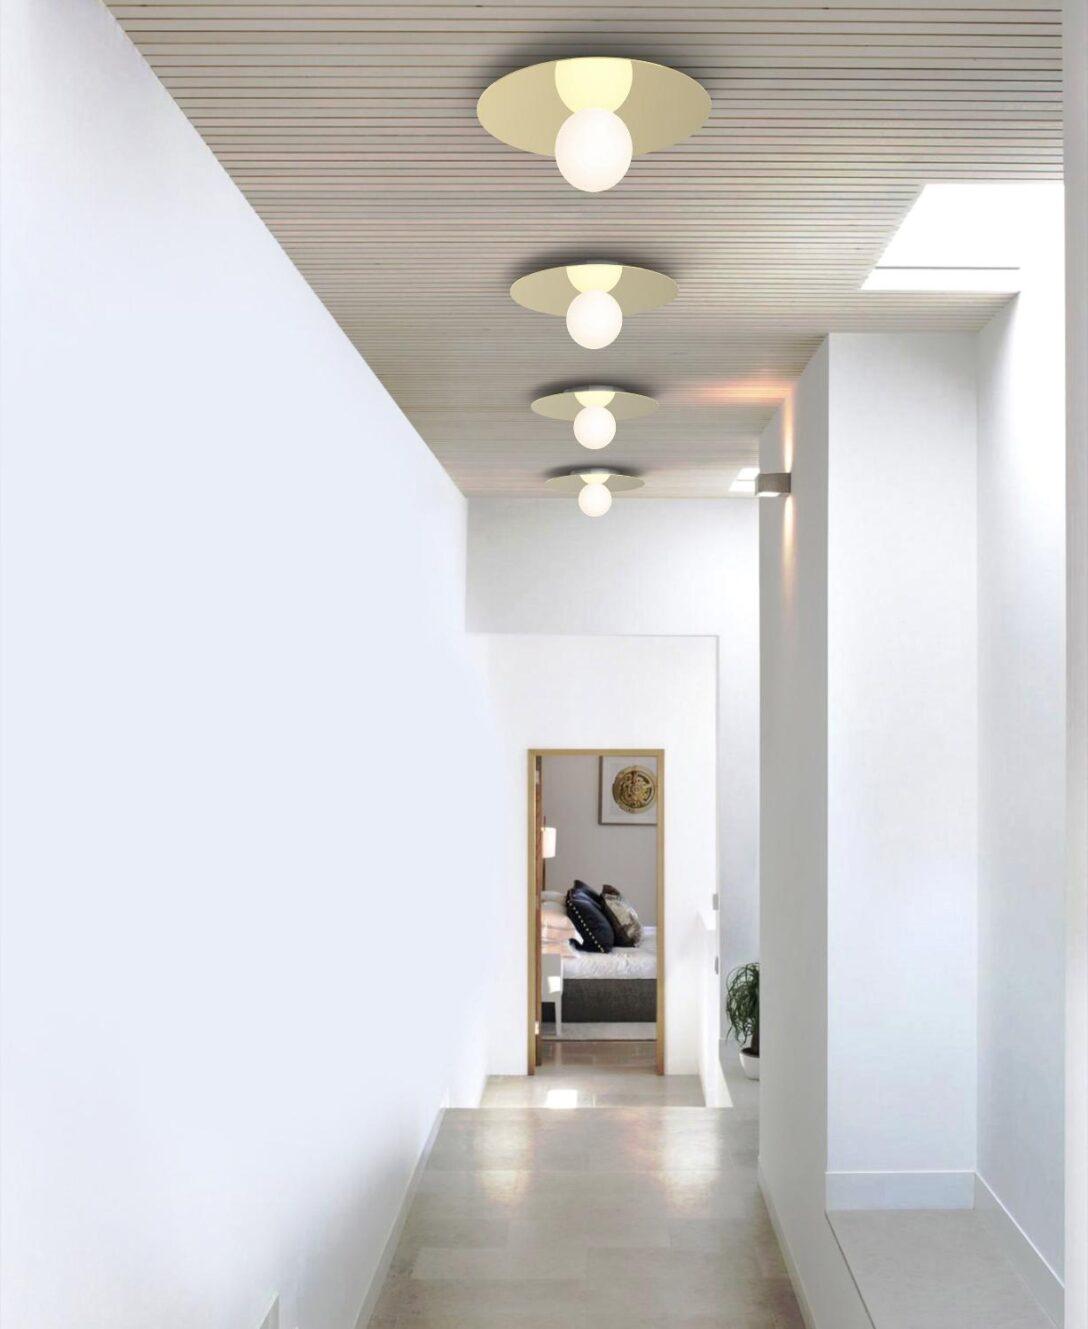 Large Size of Deckenleuchten Design Pablo Designs Bola Disc Flush Wand Messing Küche Industriedesign Wohnzimmer Designer Regale Lampen Esstisch Bett Modern Esstische Wohnzimmer Deckenleuchten Design